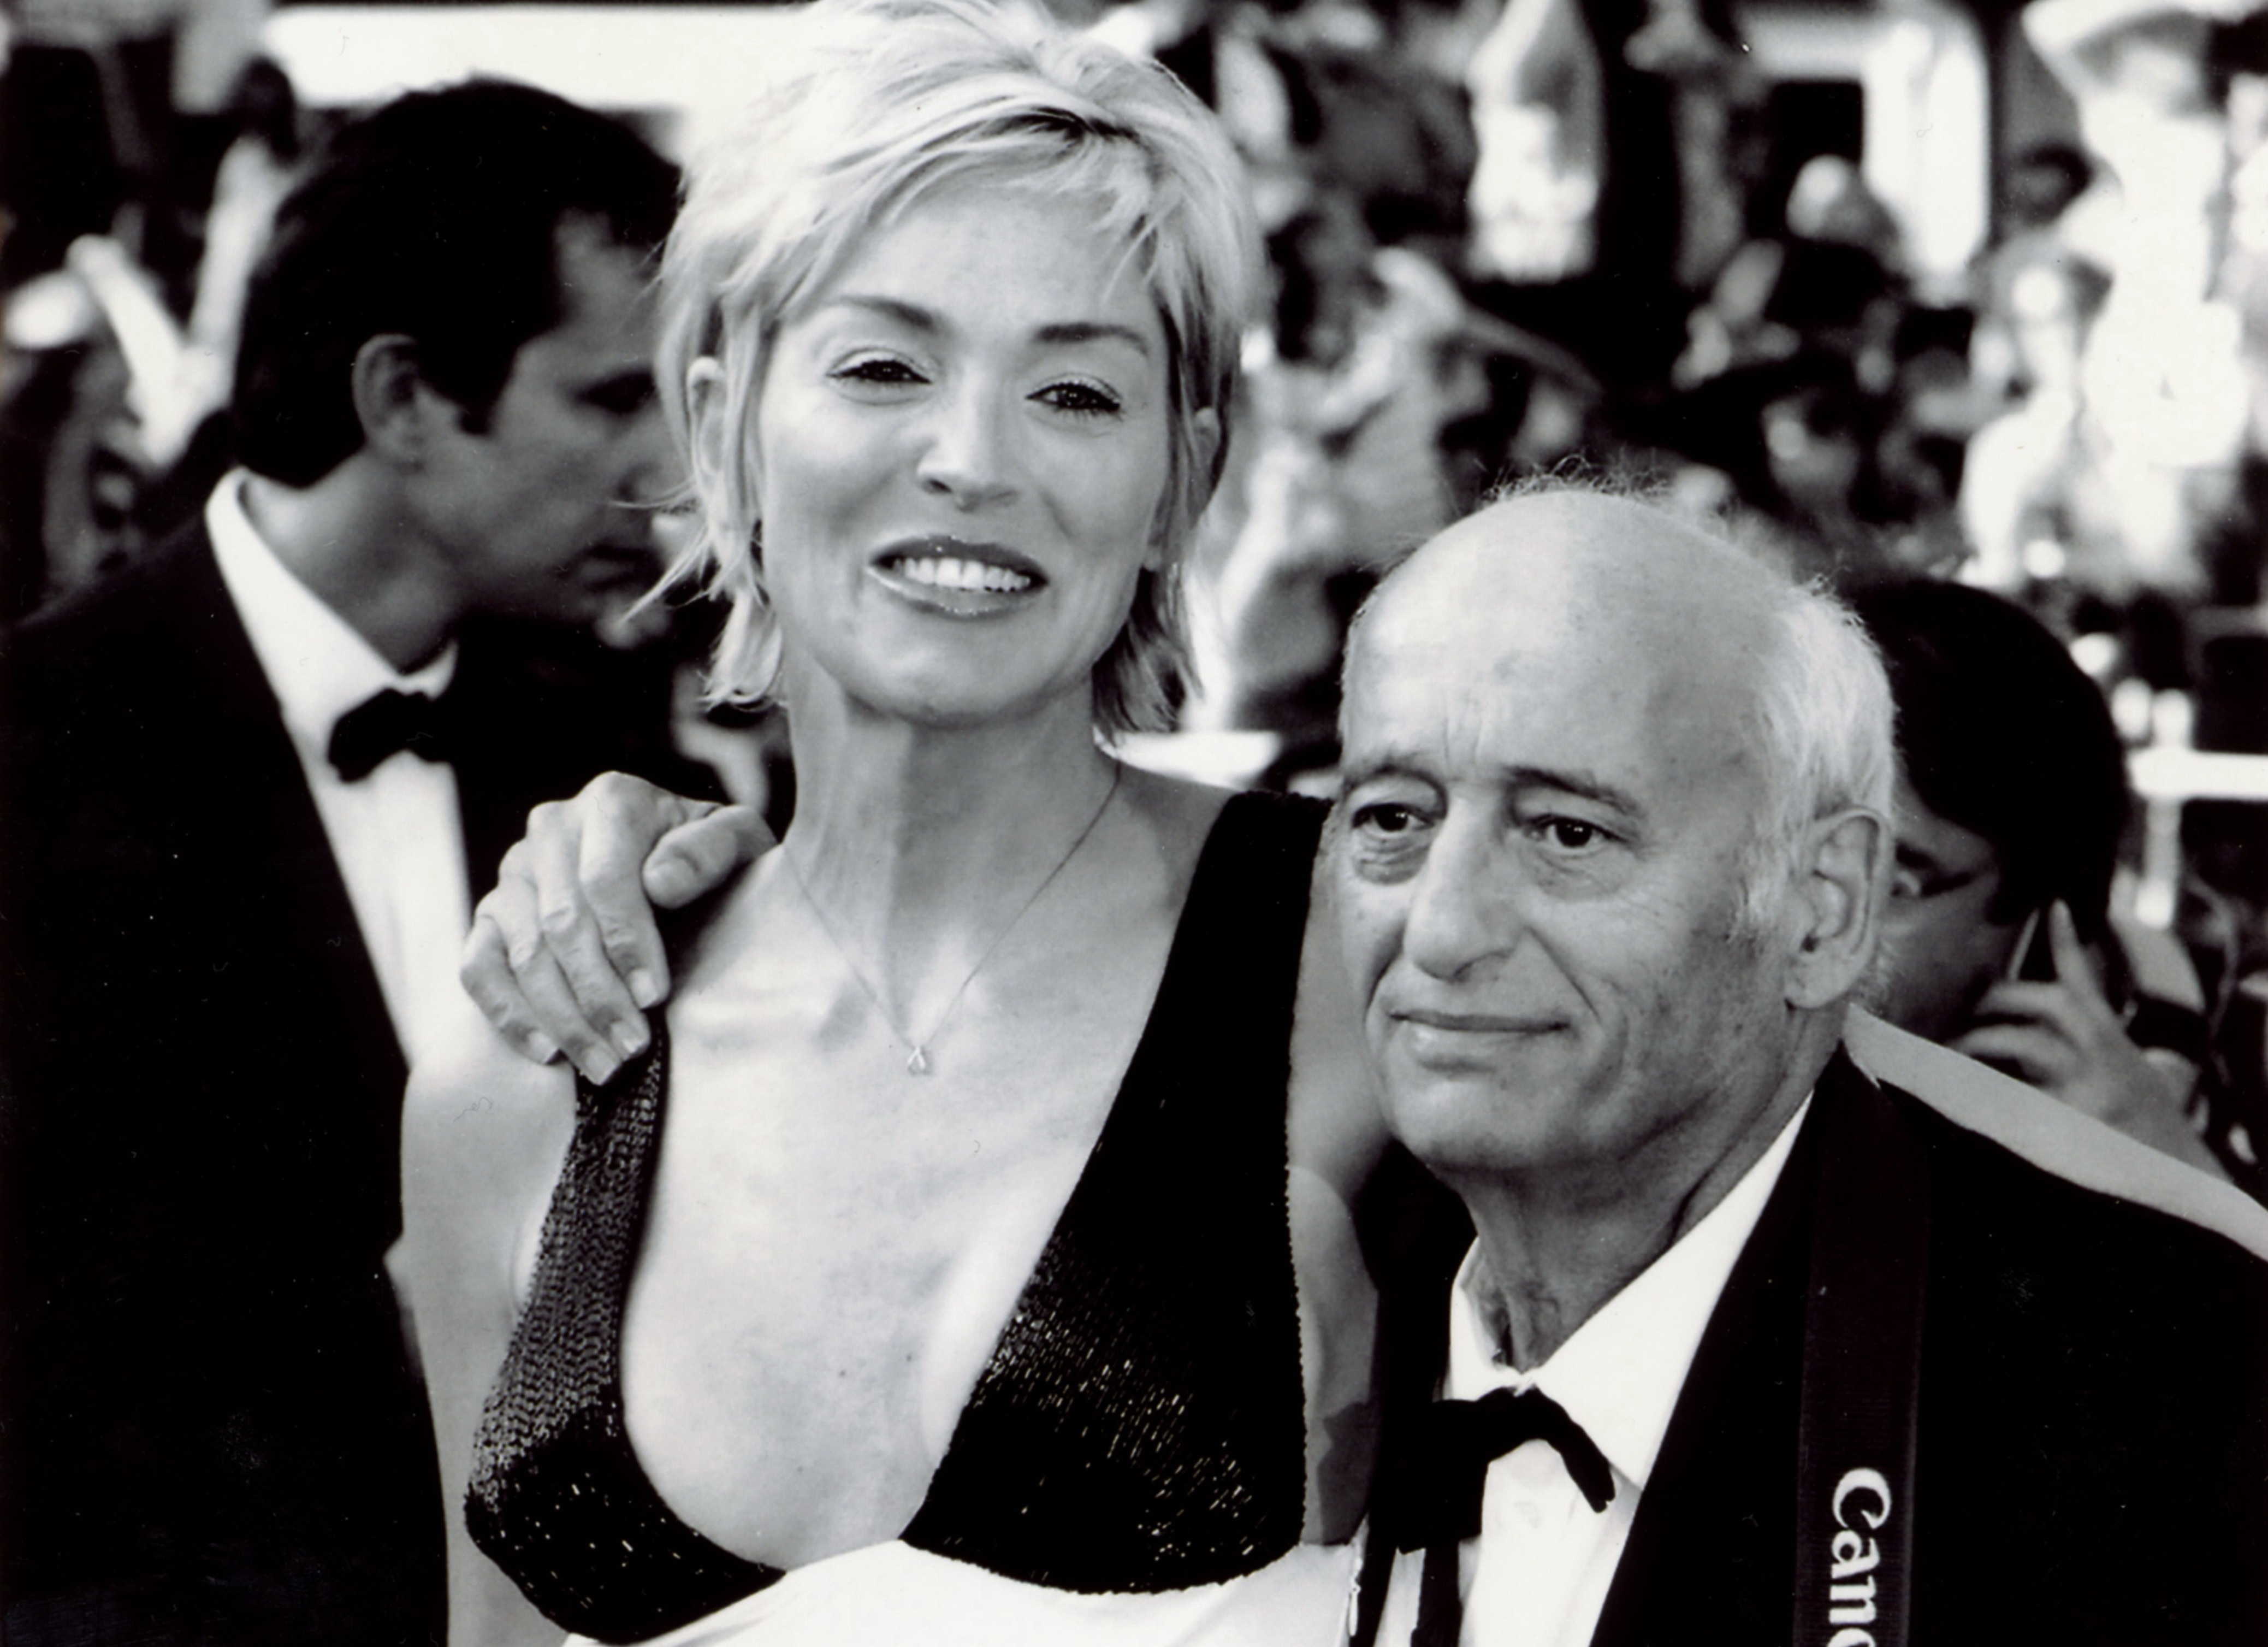 Mario Gurrieri. Les 80 bougies du photographe des stars